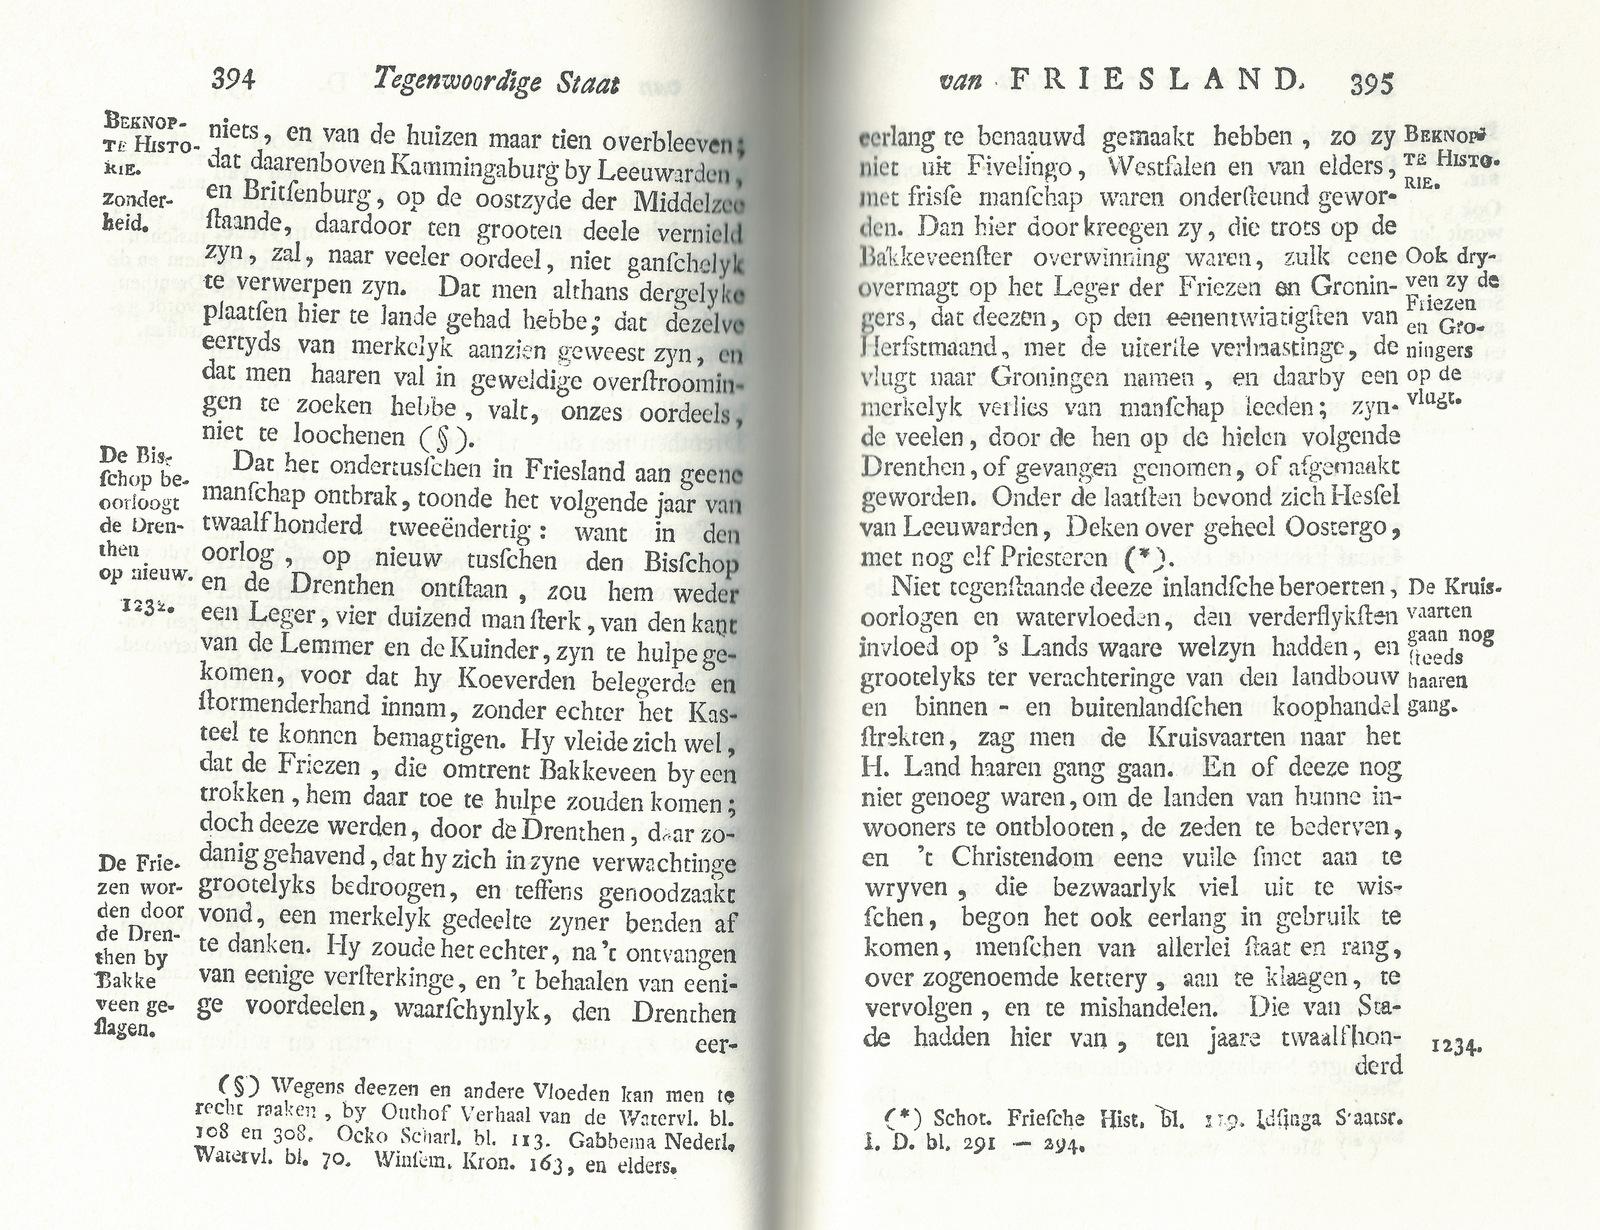 Tegenwoordige-staat-van-Friesland-1785-pagina-394-395.jpg